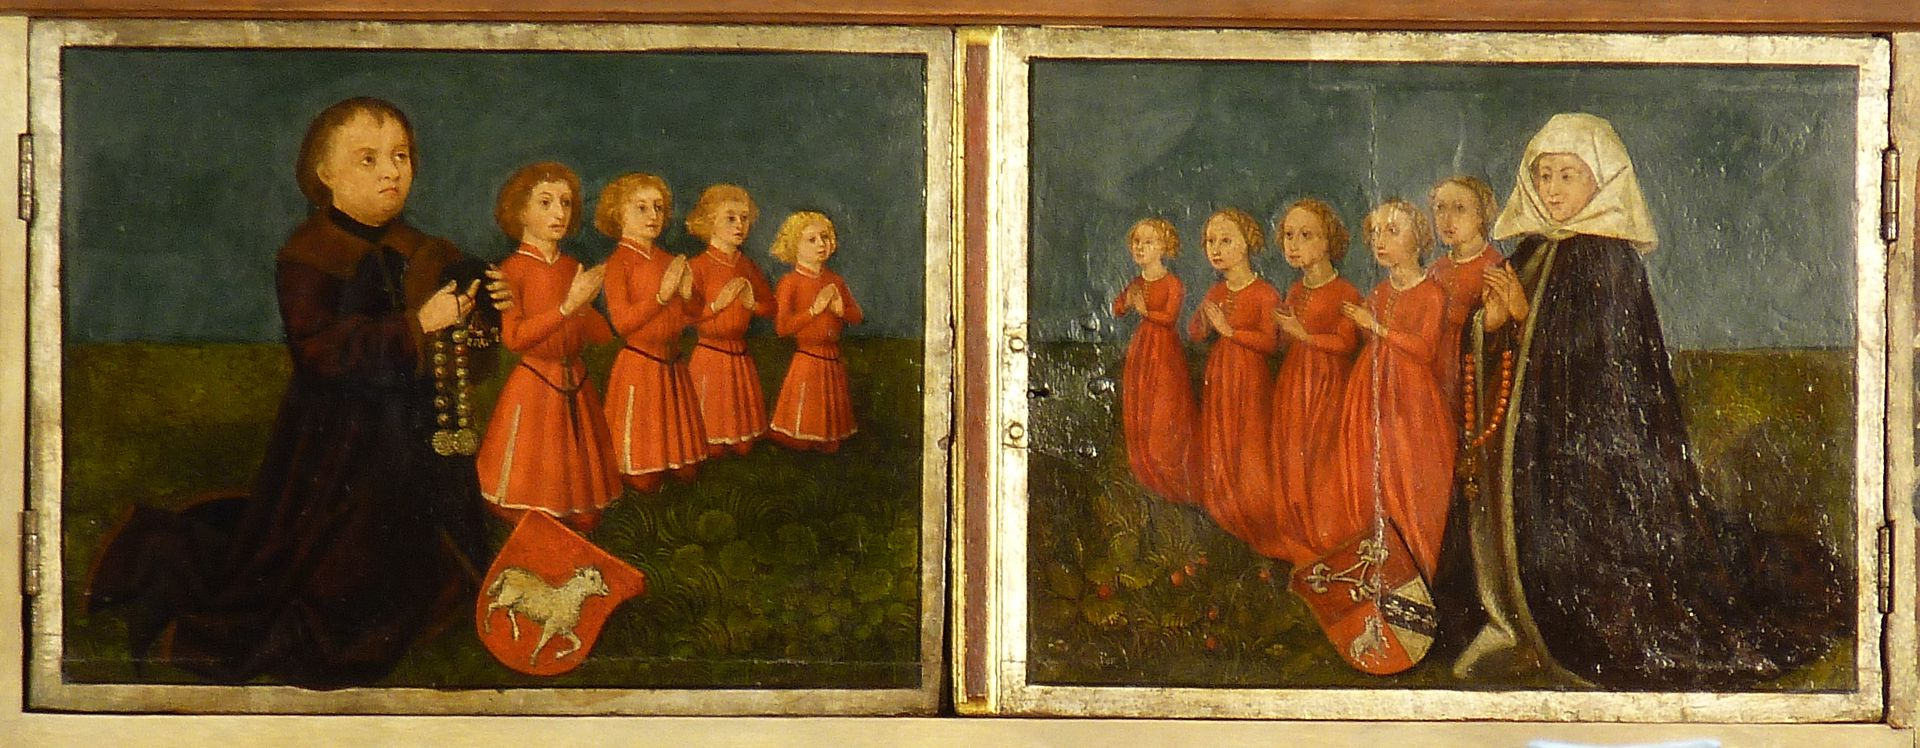 Katharinenaltar Predella in geschlossenem Zustand, links Wilhelm Loeffelholz mit Söhnen, rechts, Kunigunde Paumgärtner mit Töchtern